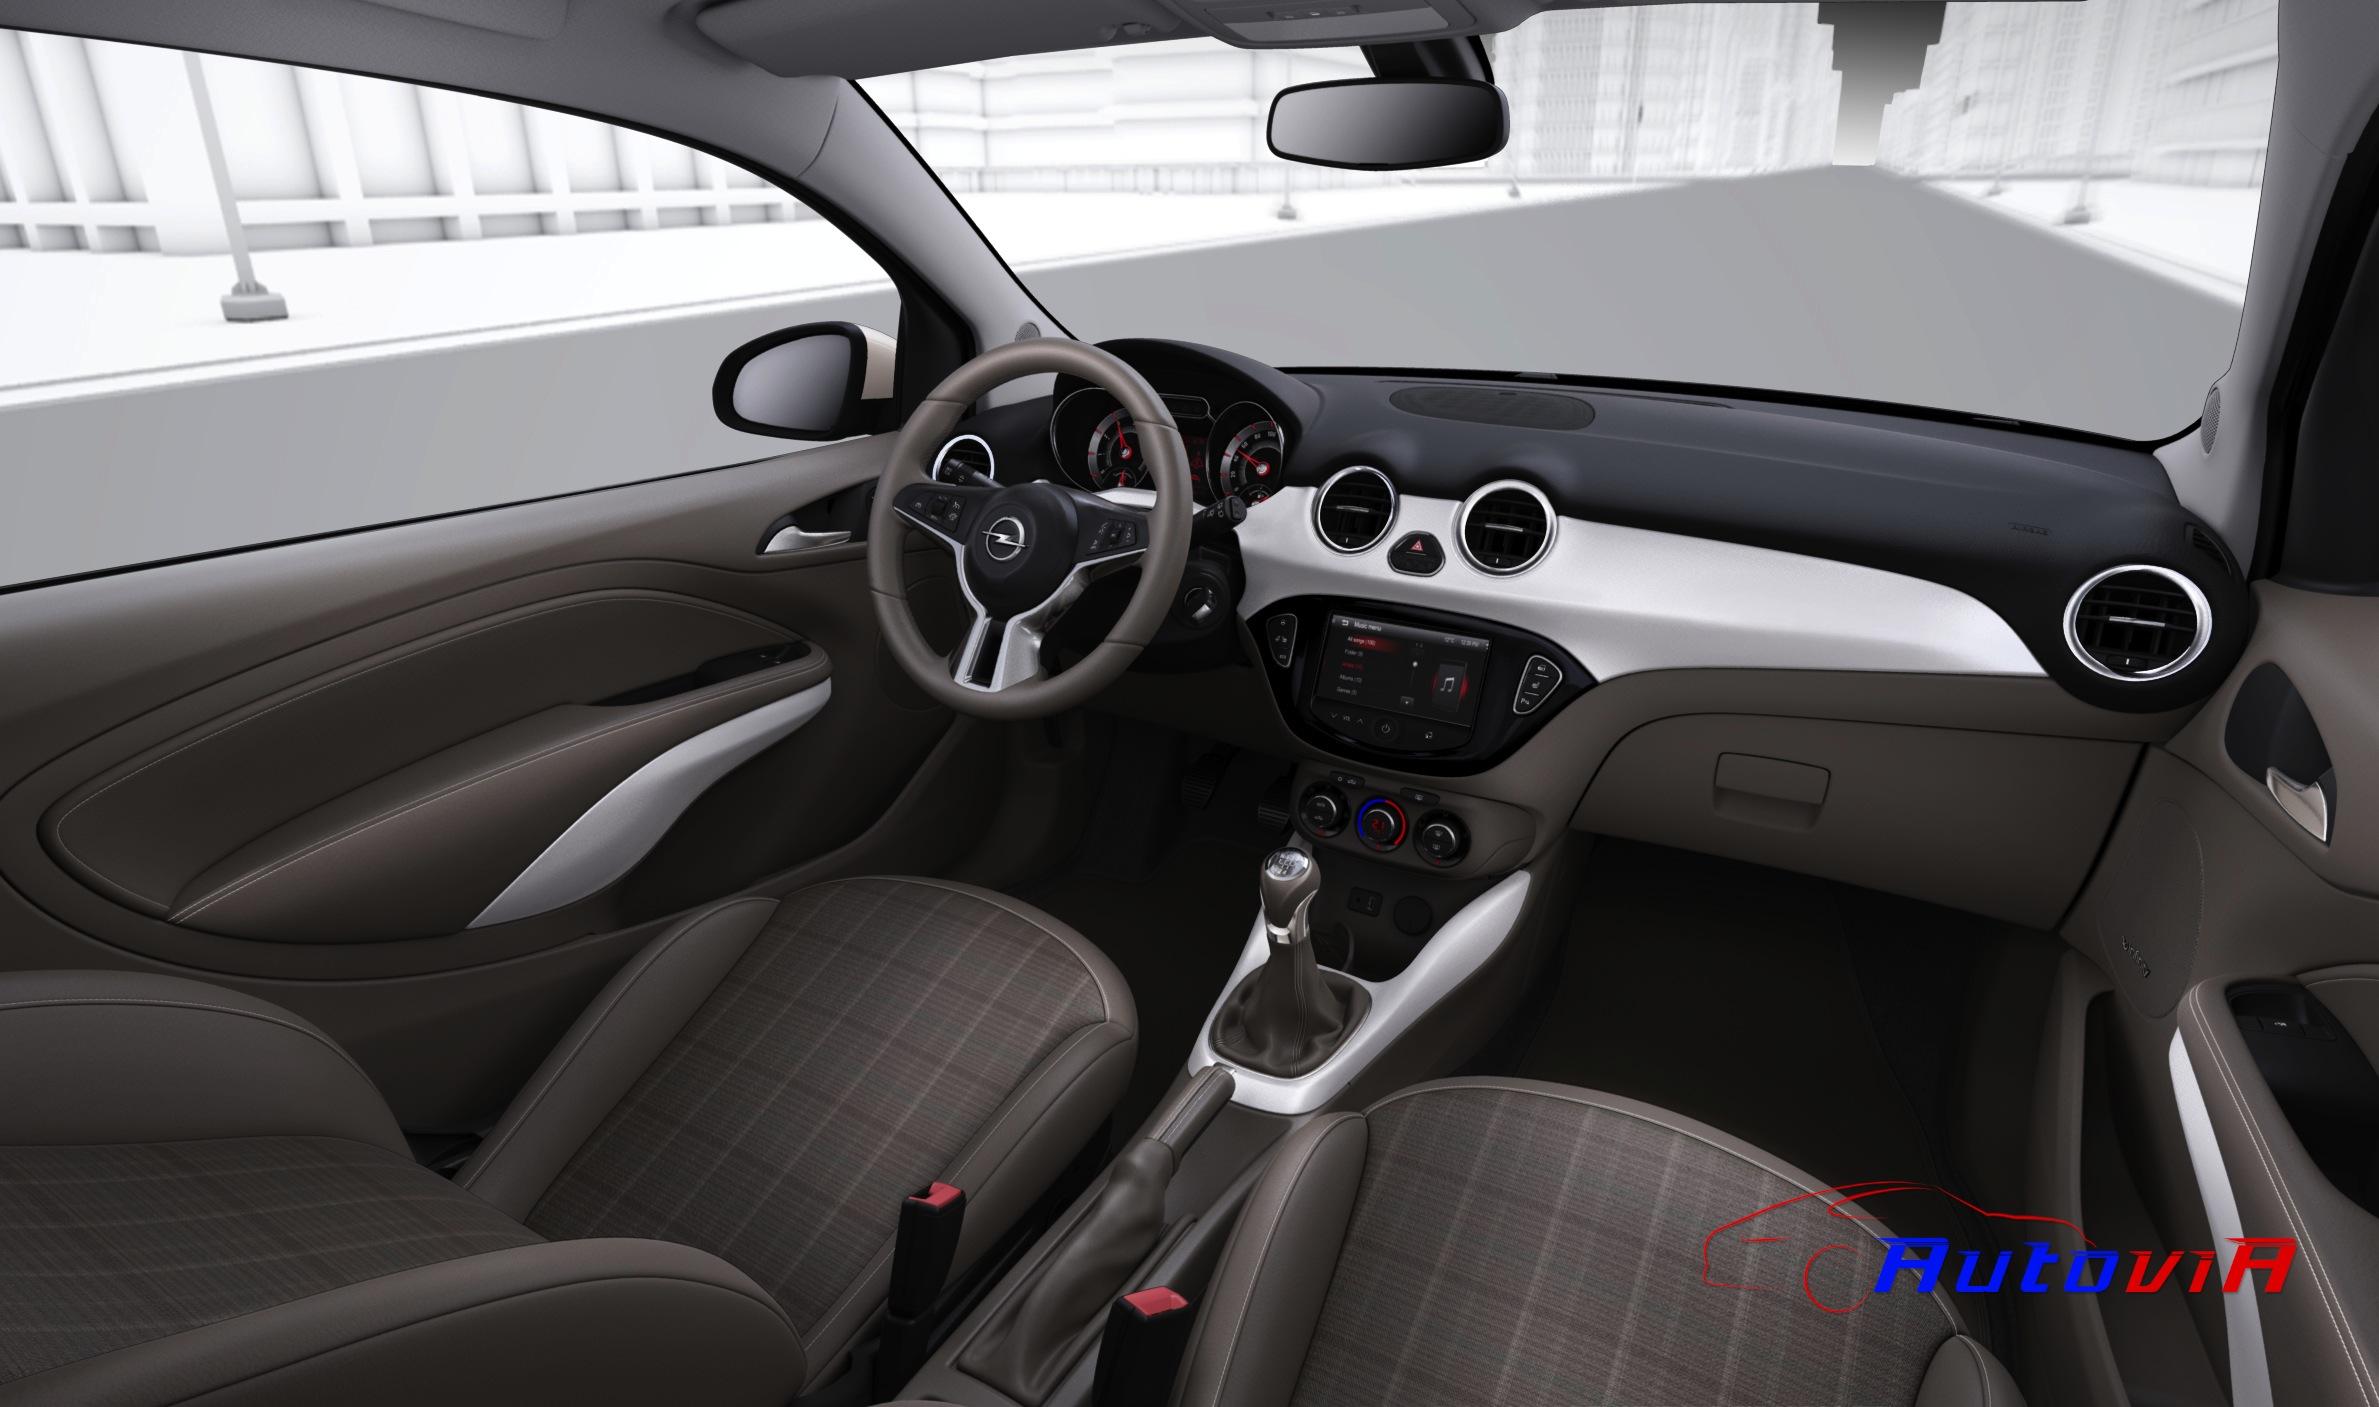 Opel adam 2012 interior 019 for Interior opel adam